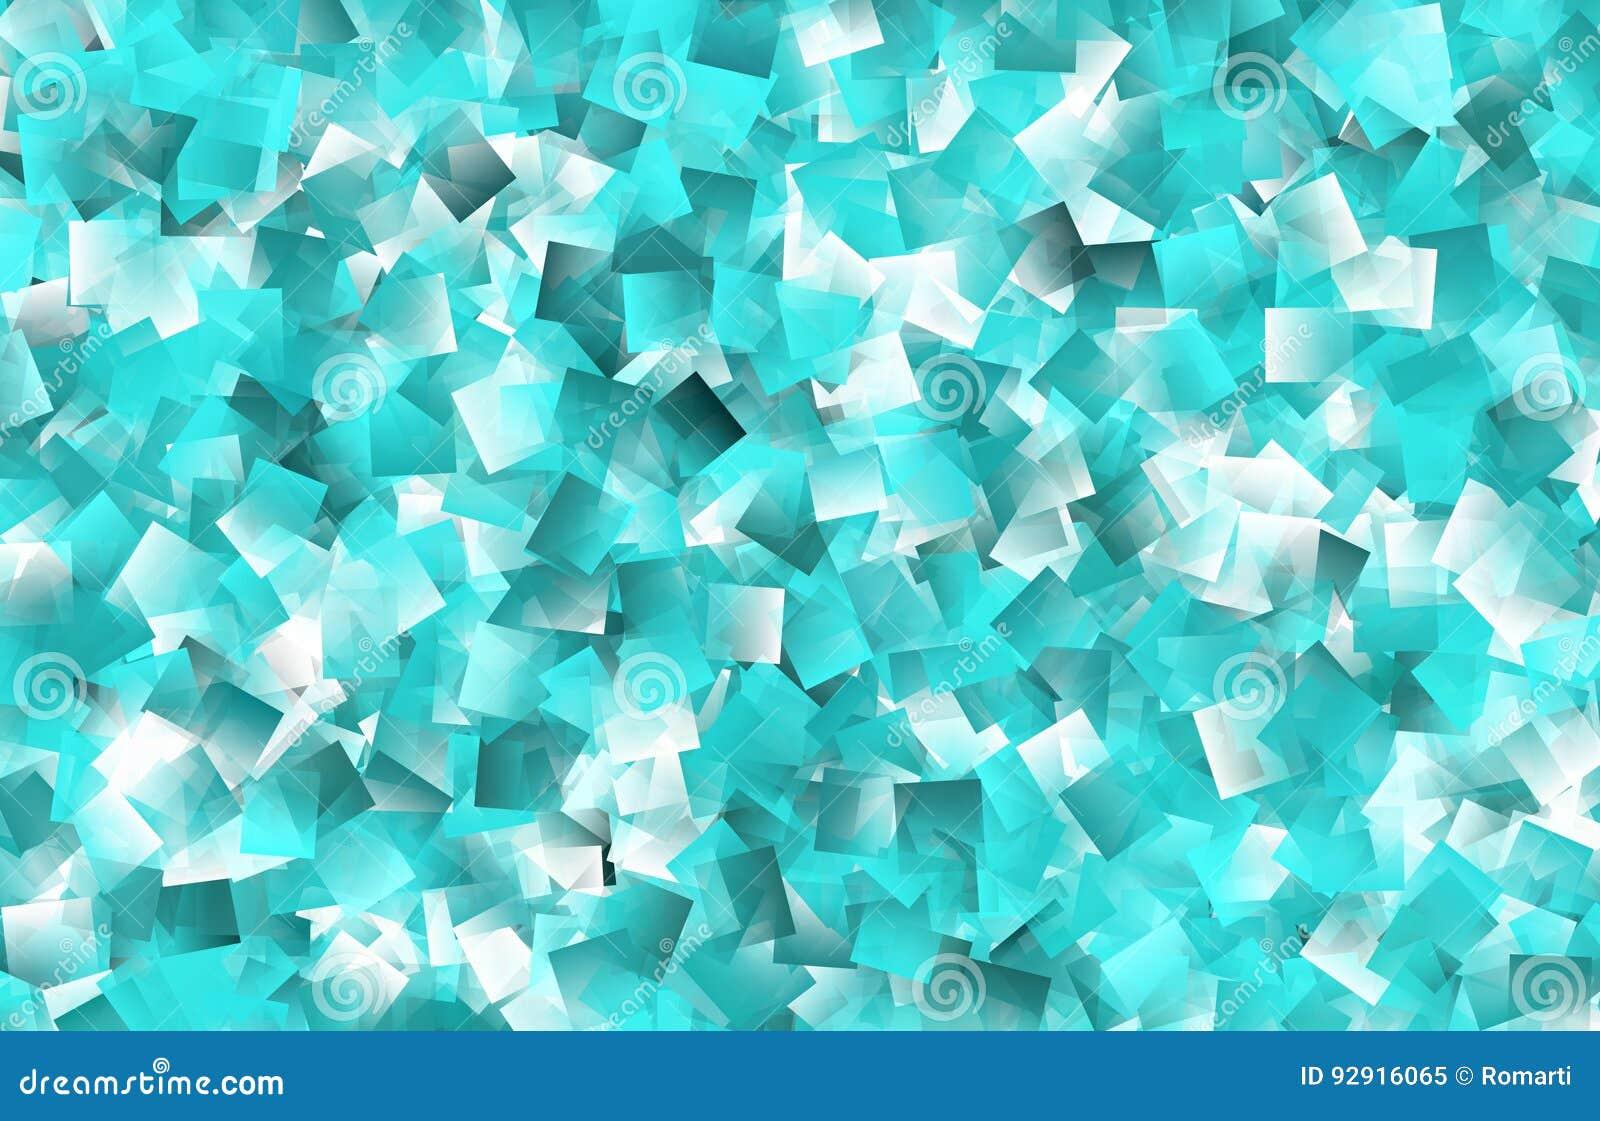 Fundo de Aqua Transparent Overlapping Geometric Shapes